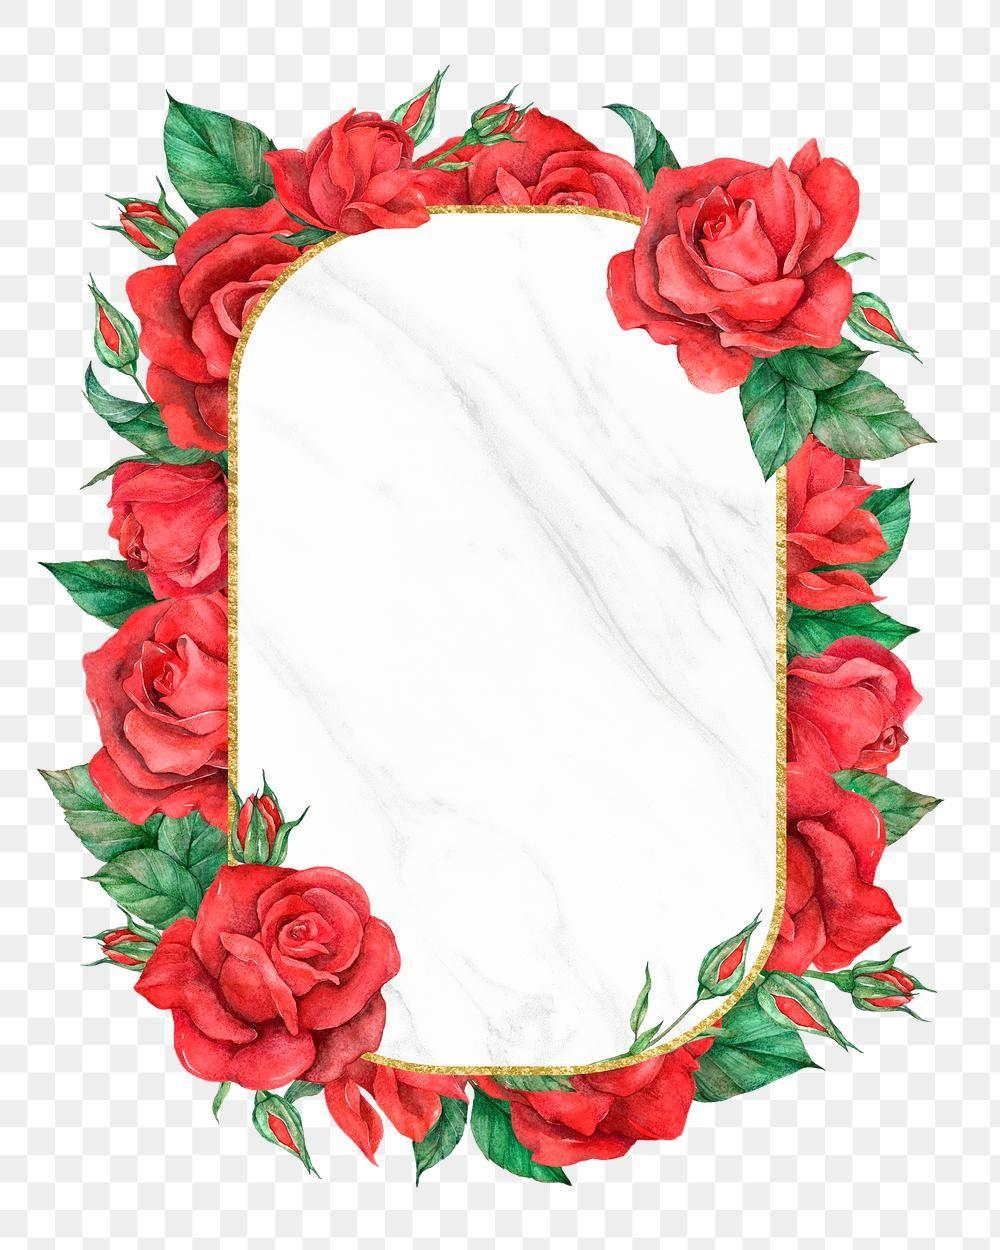 Red Rose Frame Png Transparent Background Free Image By Rawpixel Com Boom Flower Illustration Flower Frame Rose Frame